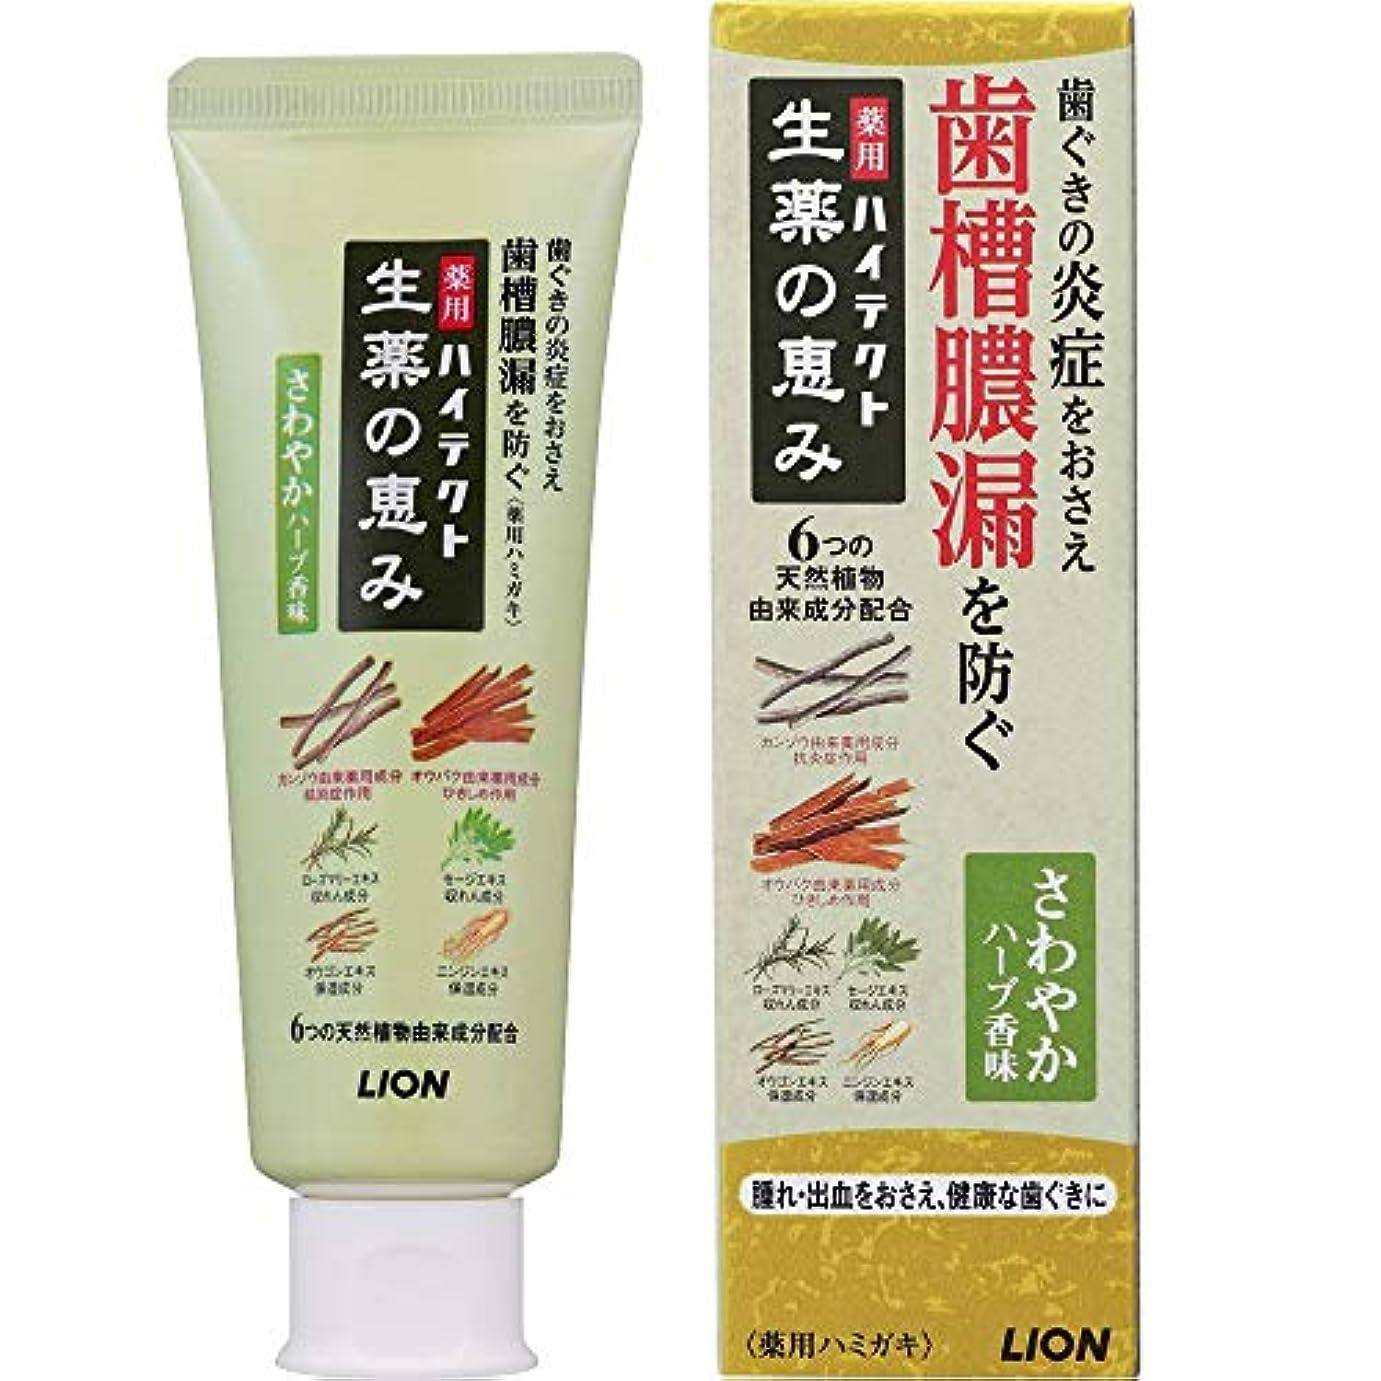 忠実なメッシュアーサー薬用ハイテクト生薬の恵み さわやかハーブ香味 90g (医薬部外品)